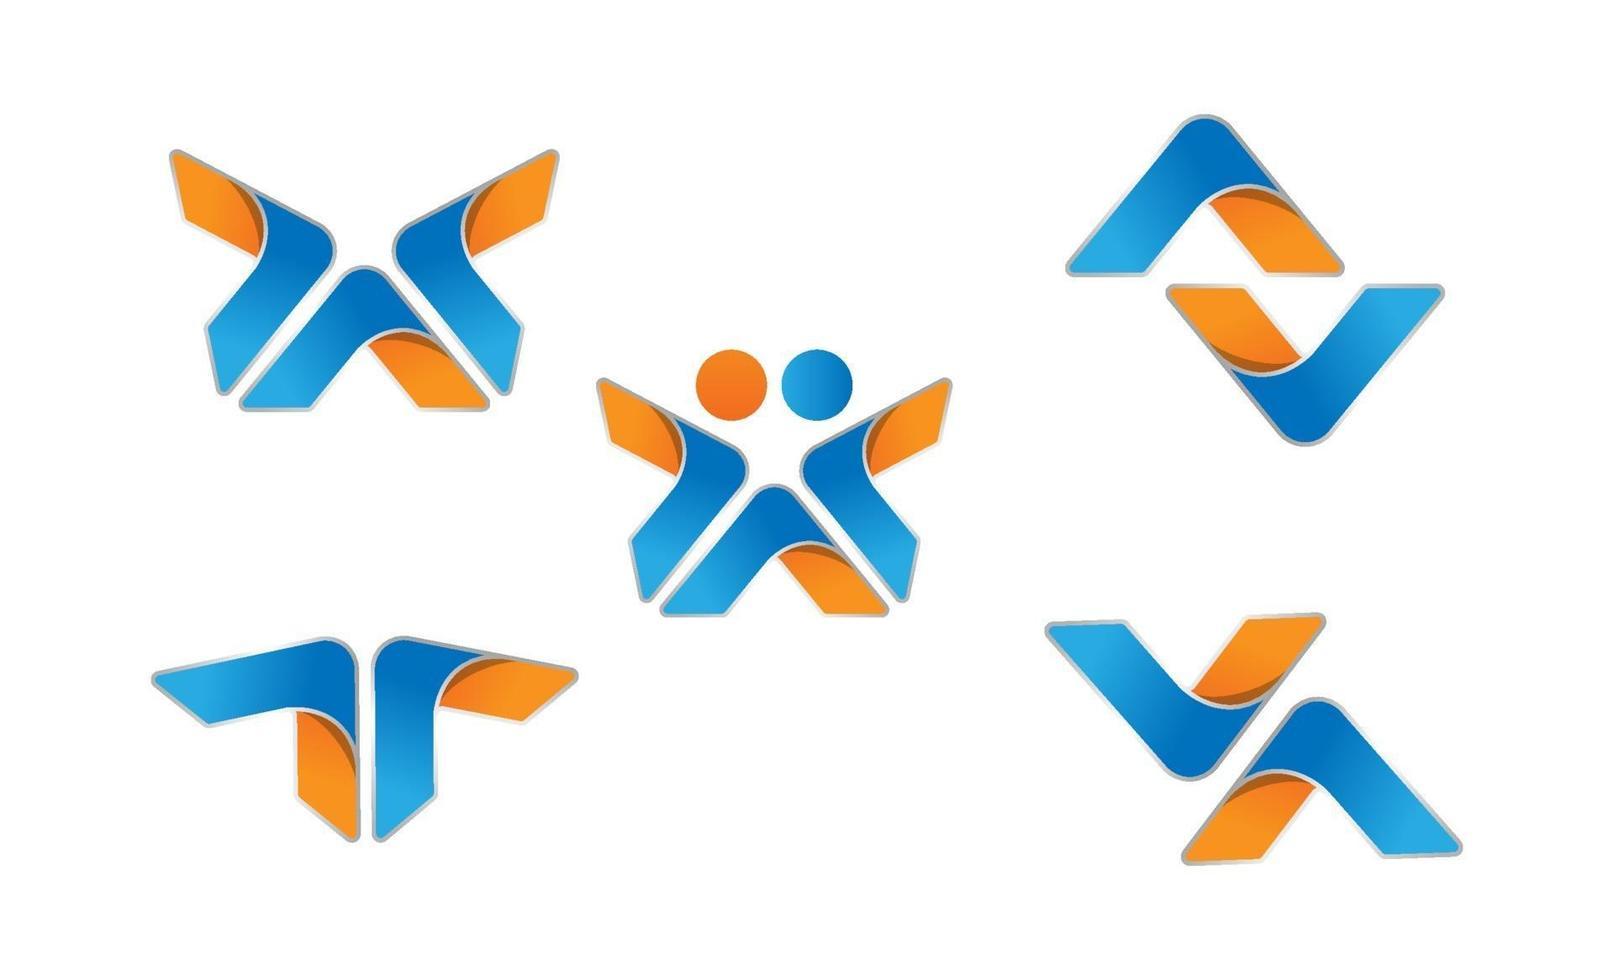 anfängliche kreative minimale av Logo Symbol Design Vektor-Illustration vektor